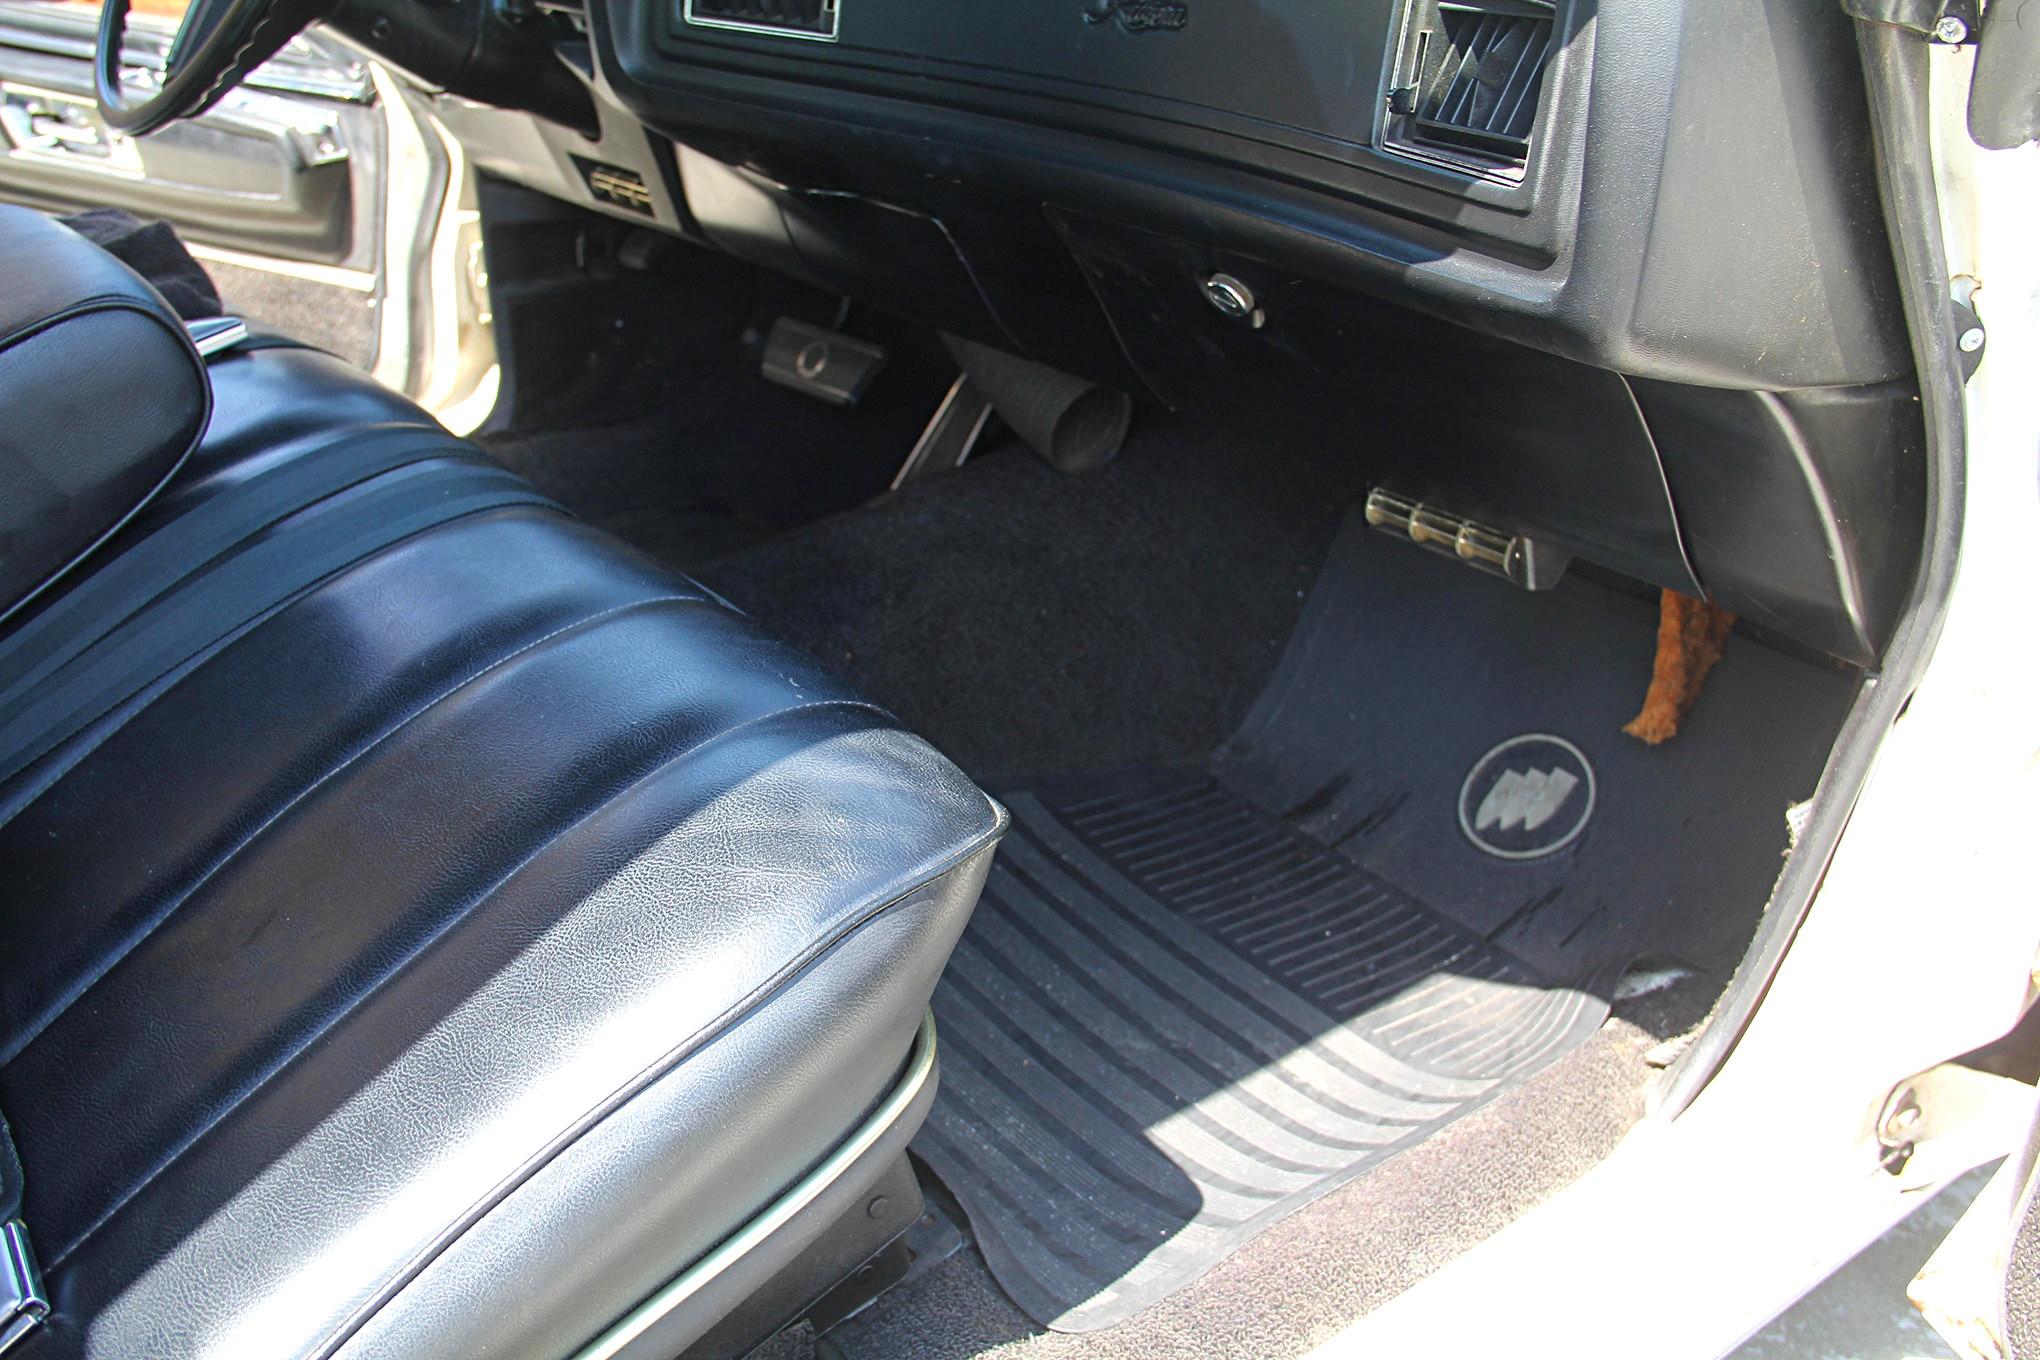 mobirise inside home interior restoration auto